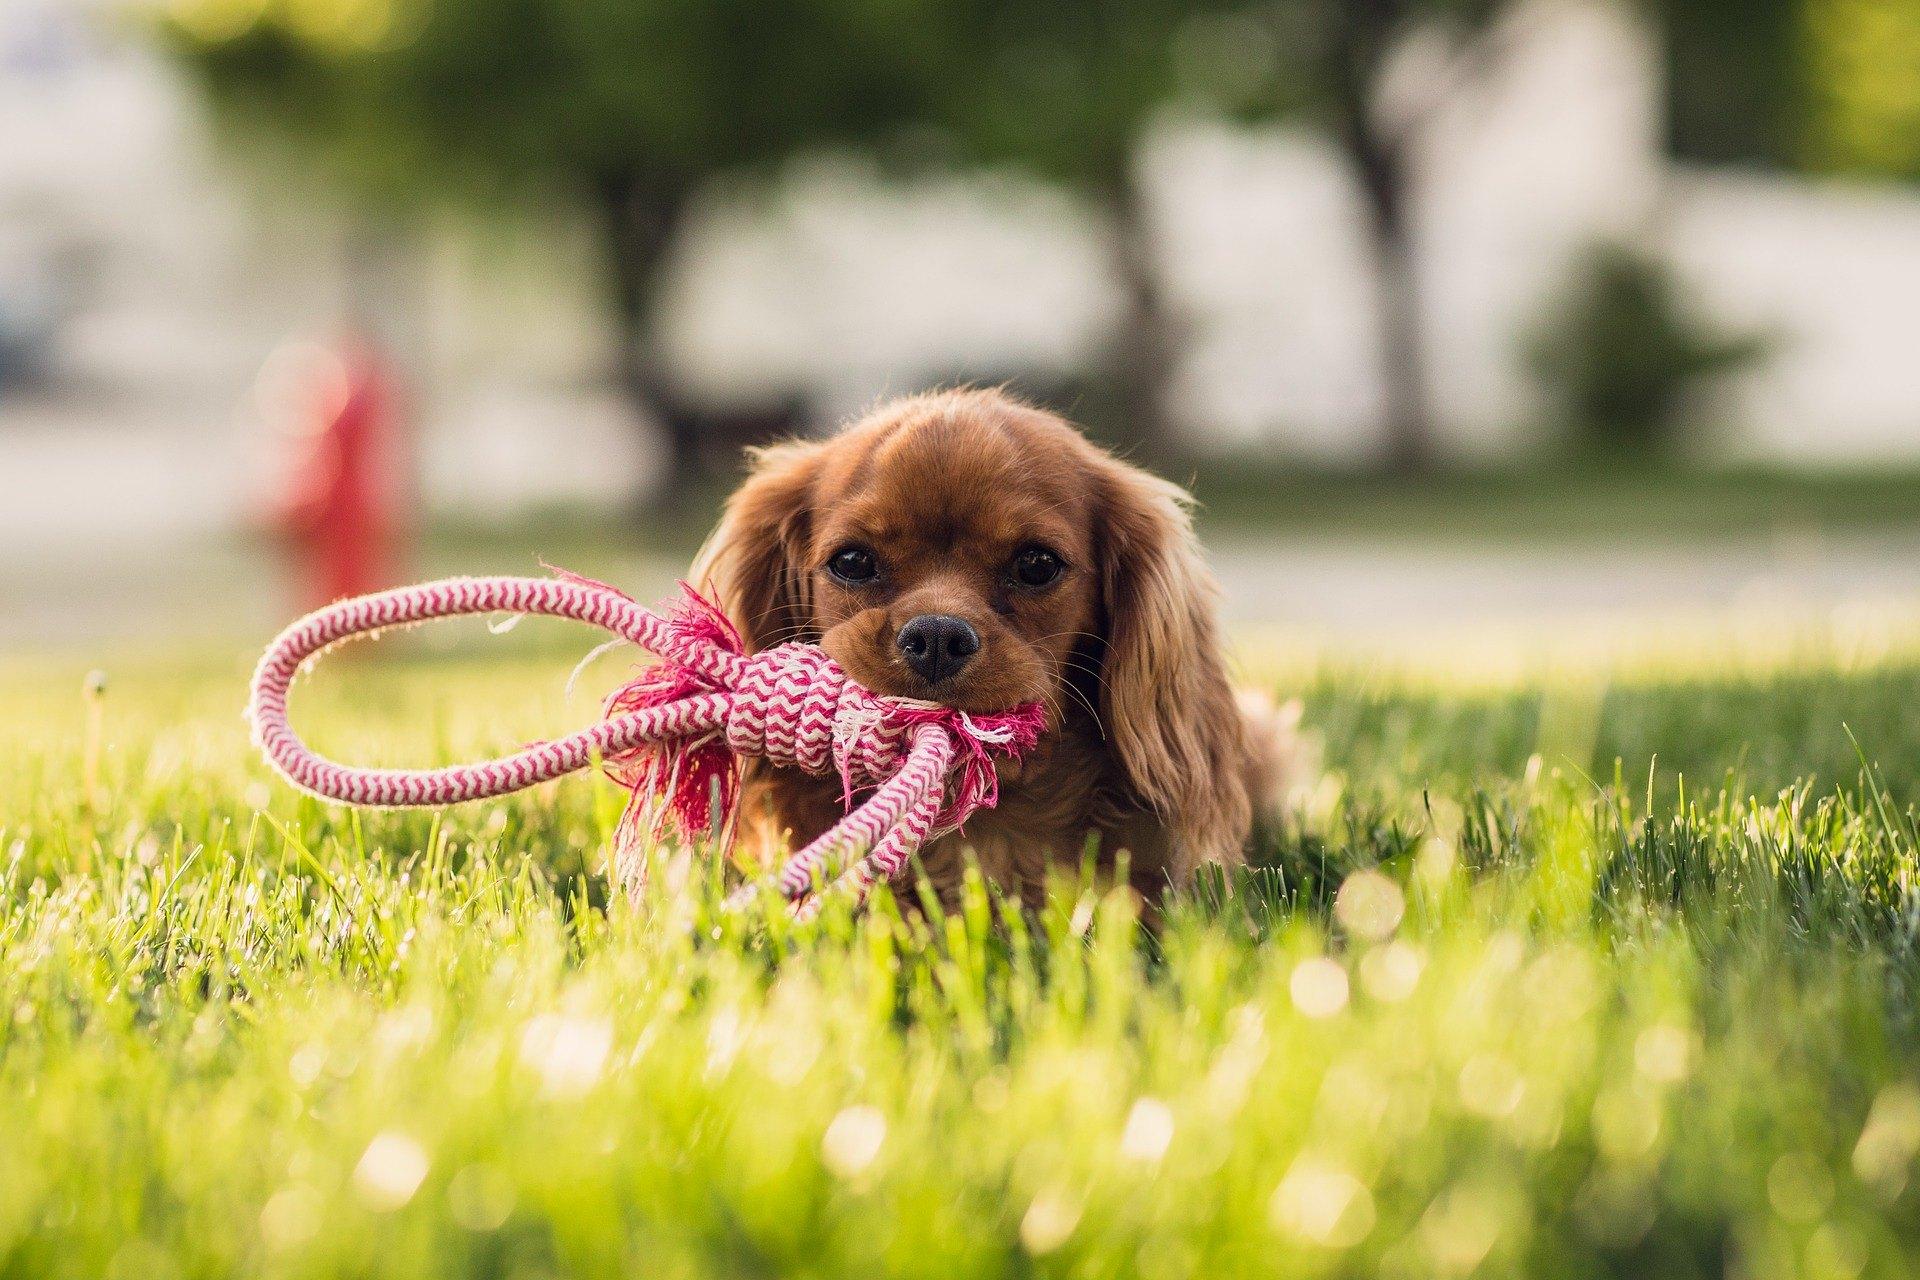 Die Pflege eines Welpen ist eine große Verantwortung. Es bestimmt die körperliche und geistige Entwicklung eines Haustieres in den nächsten Phasen.